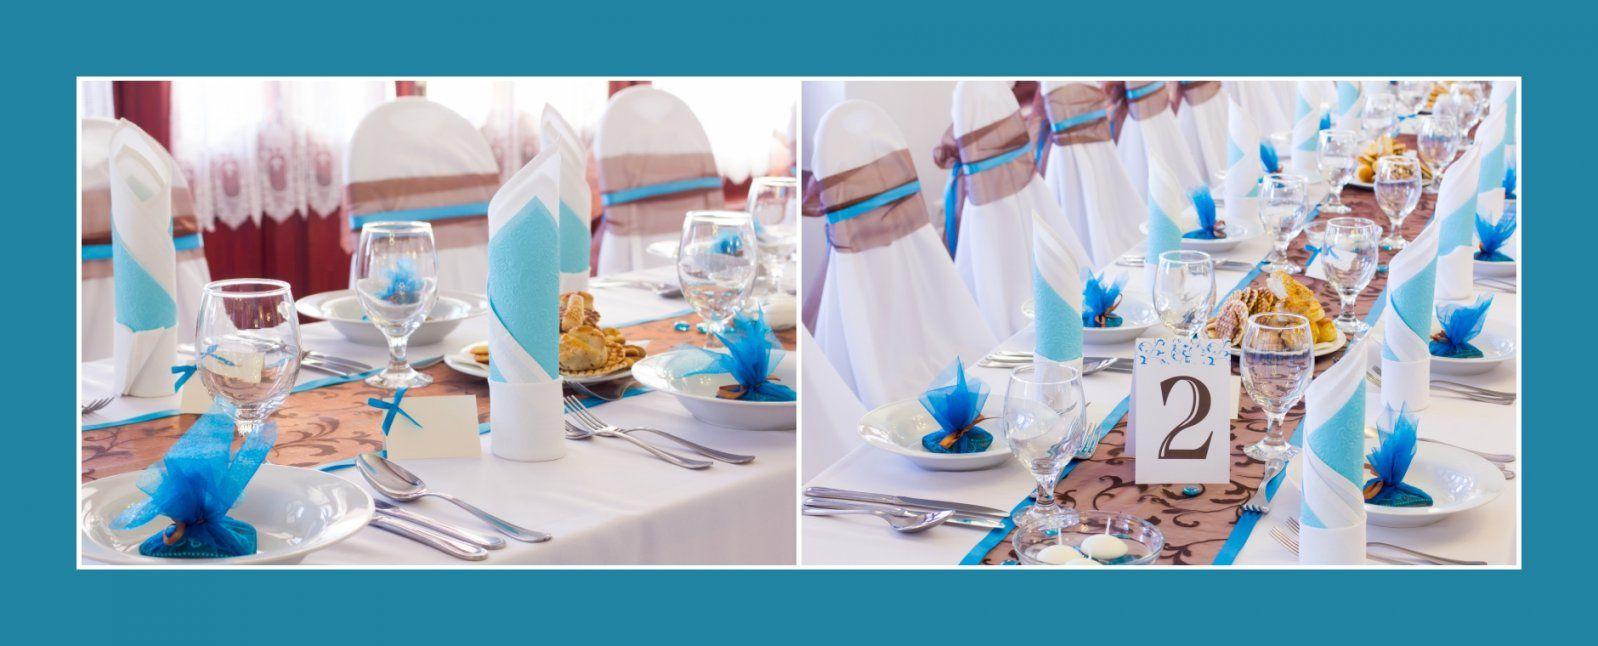 Servietten Falten  Hochzeitsdekotips von Servietten Falten Hochzeit Zweifarbig Bild